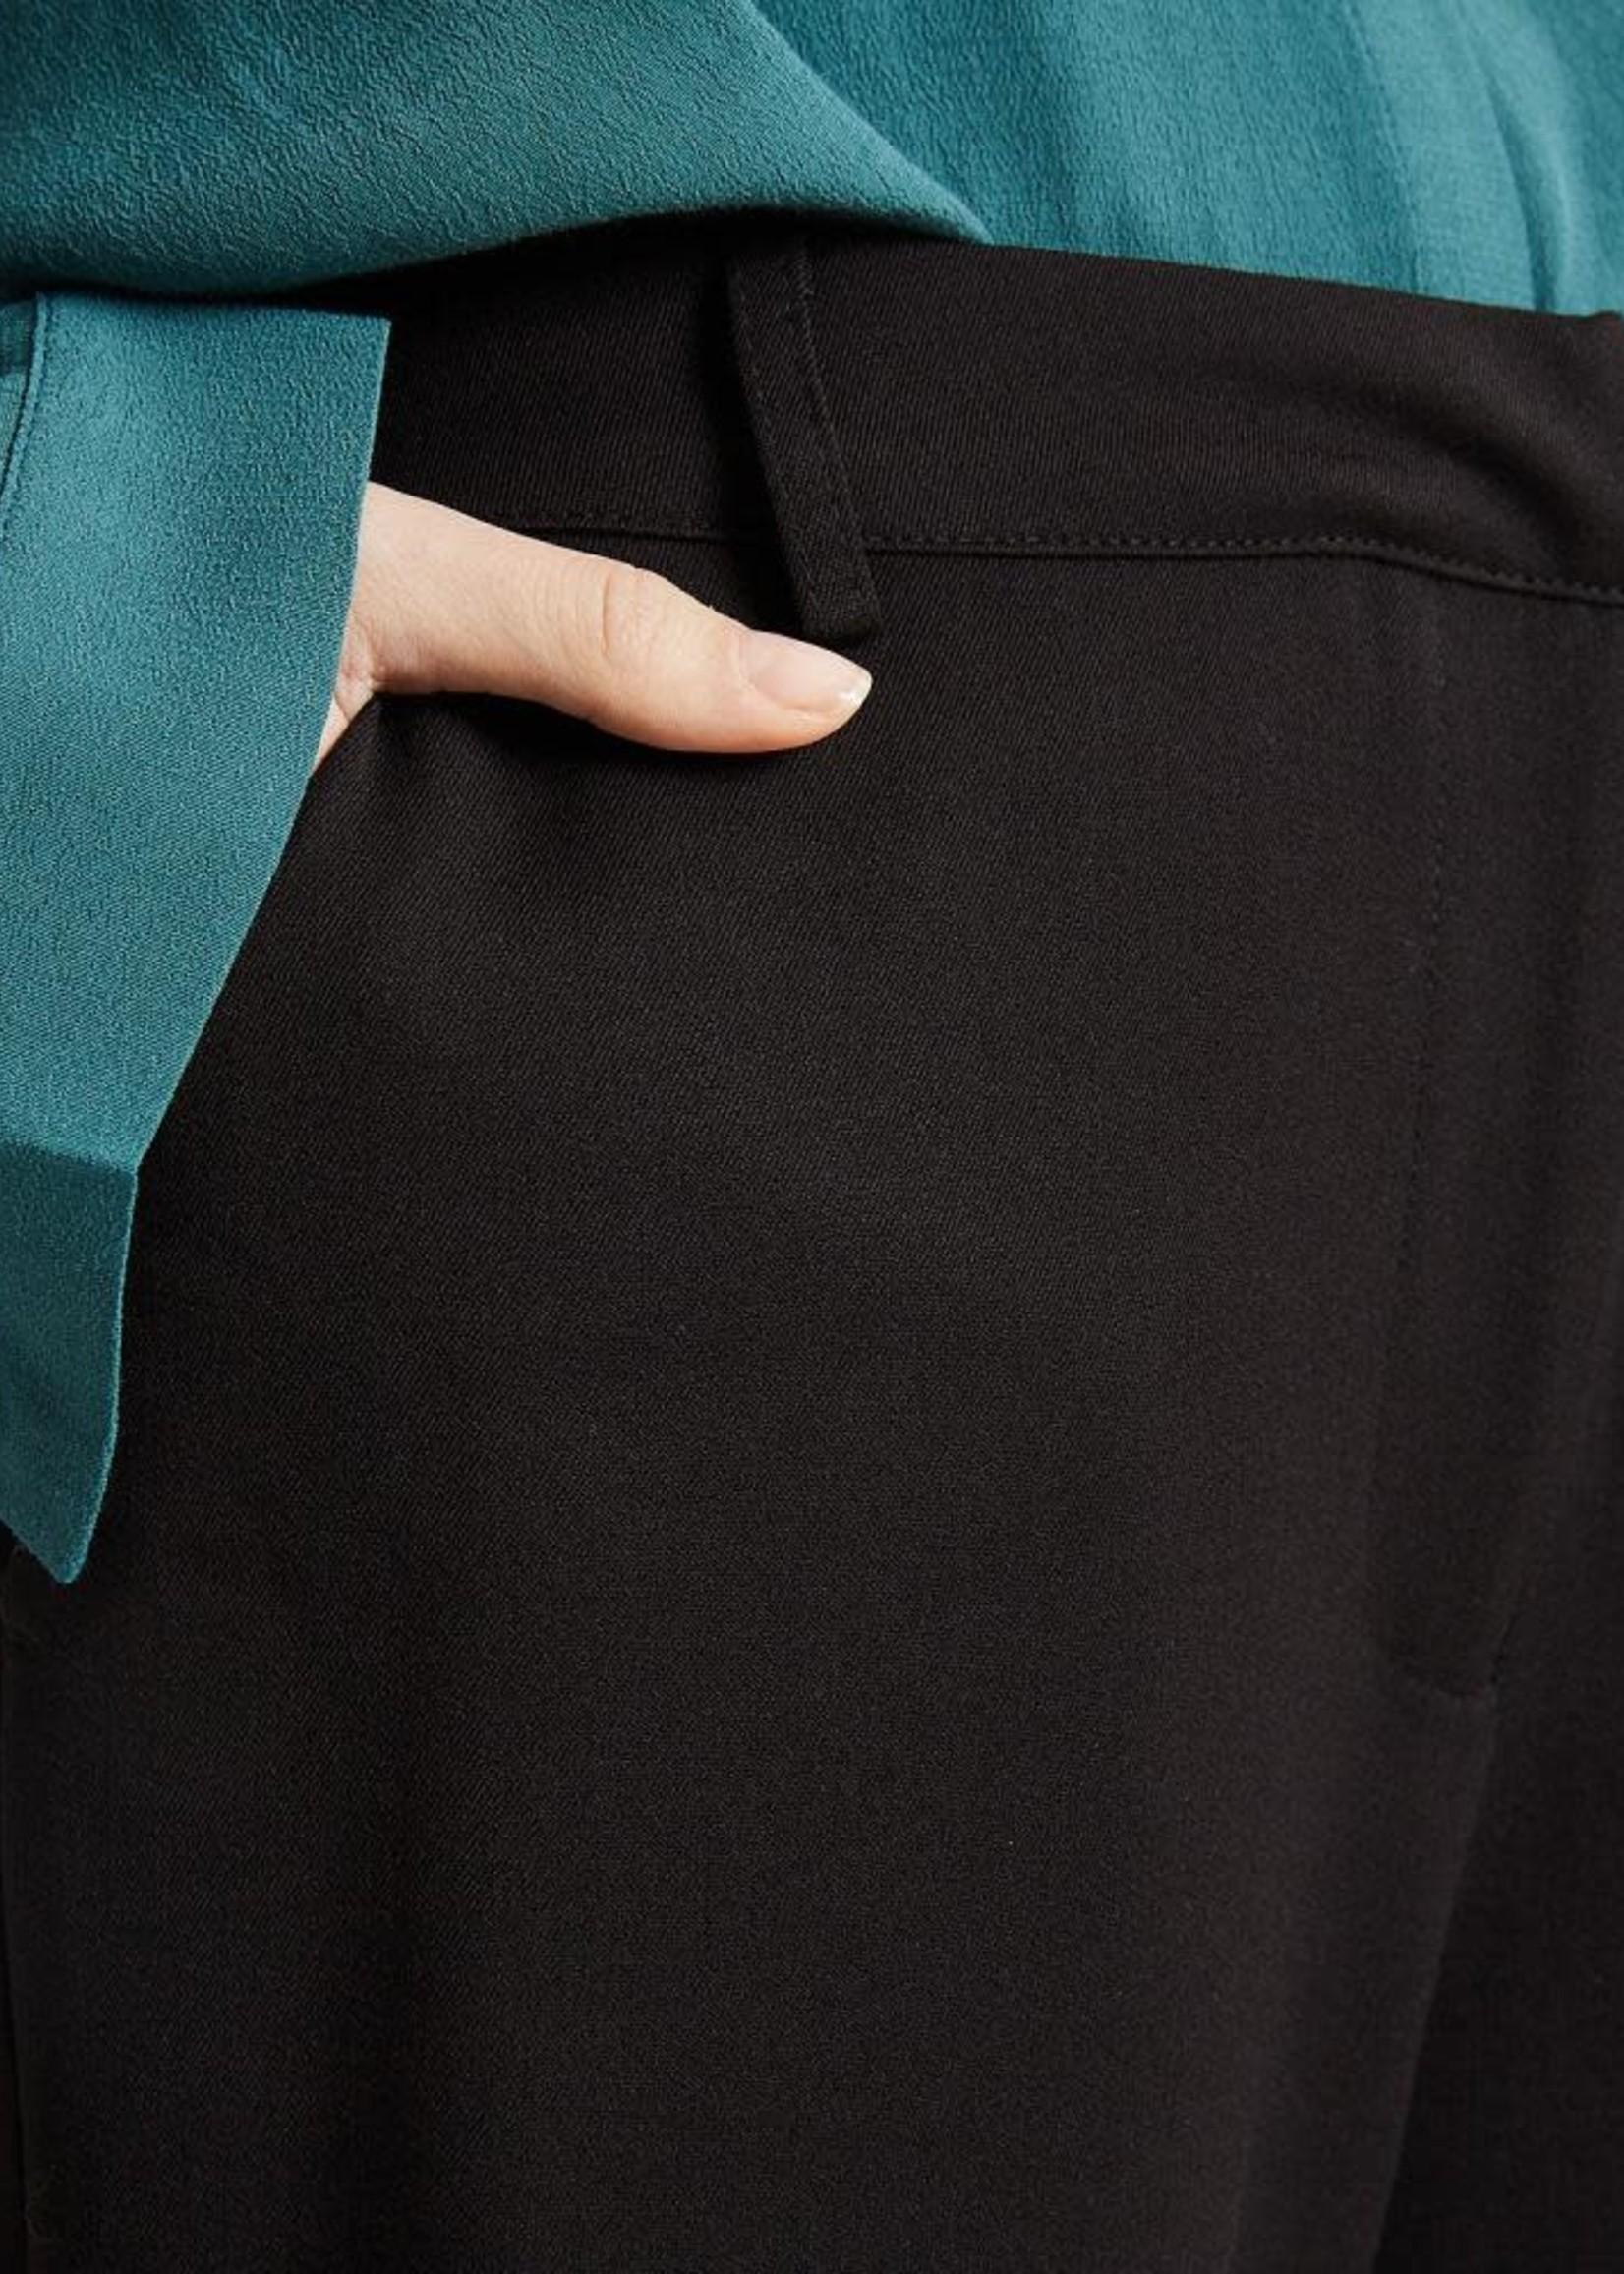 MINIMUM Culotta Casual Pants